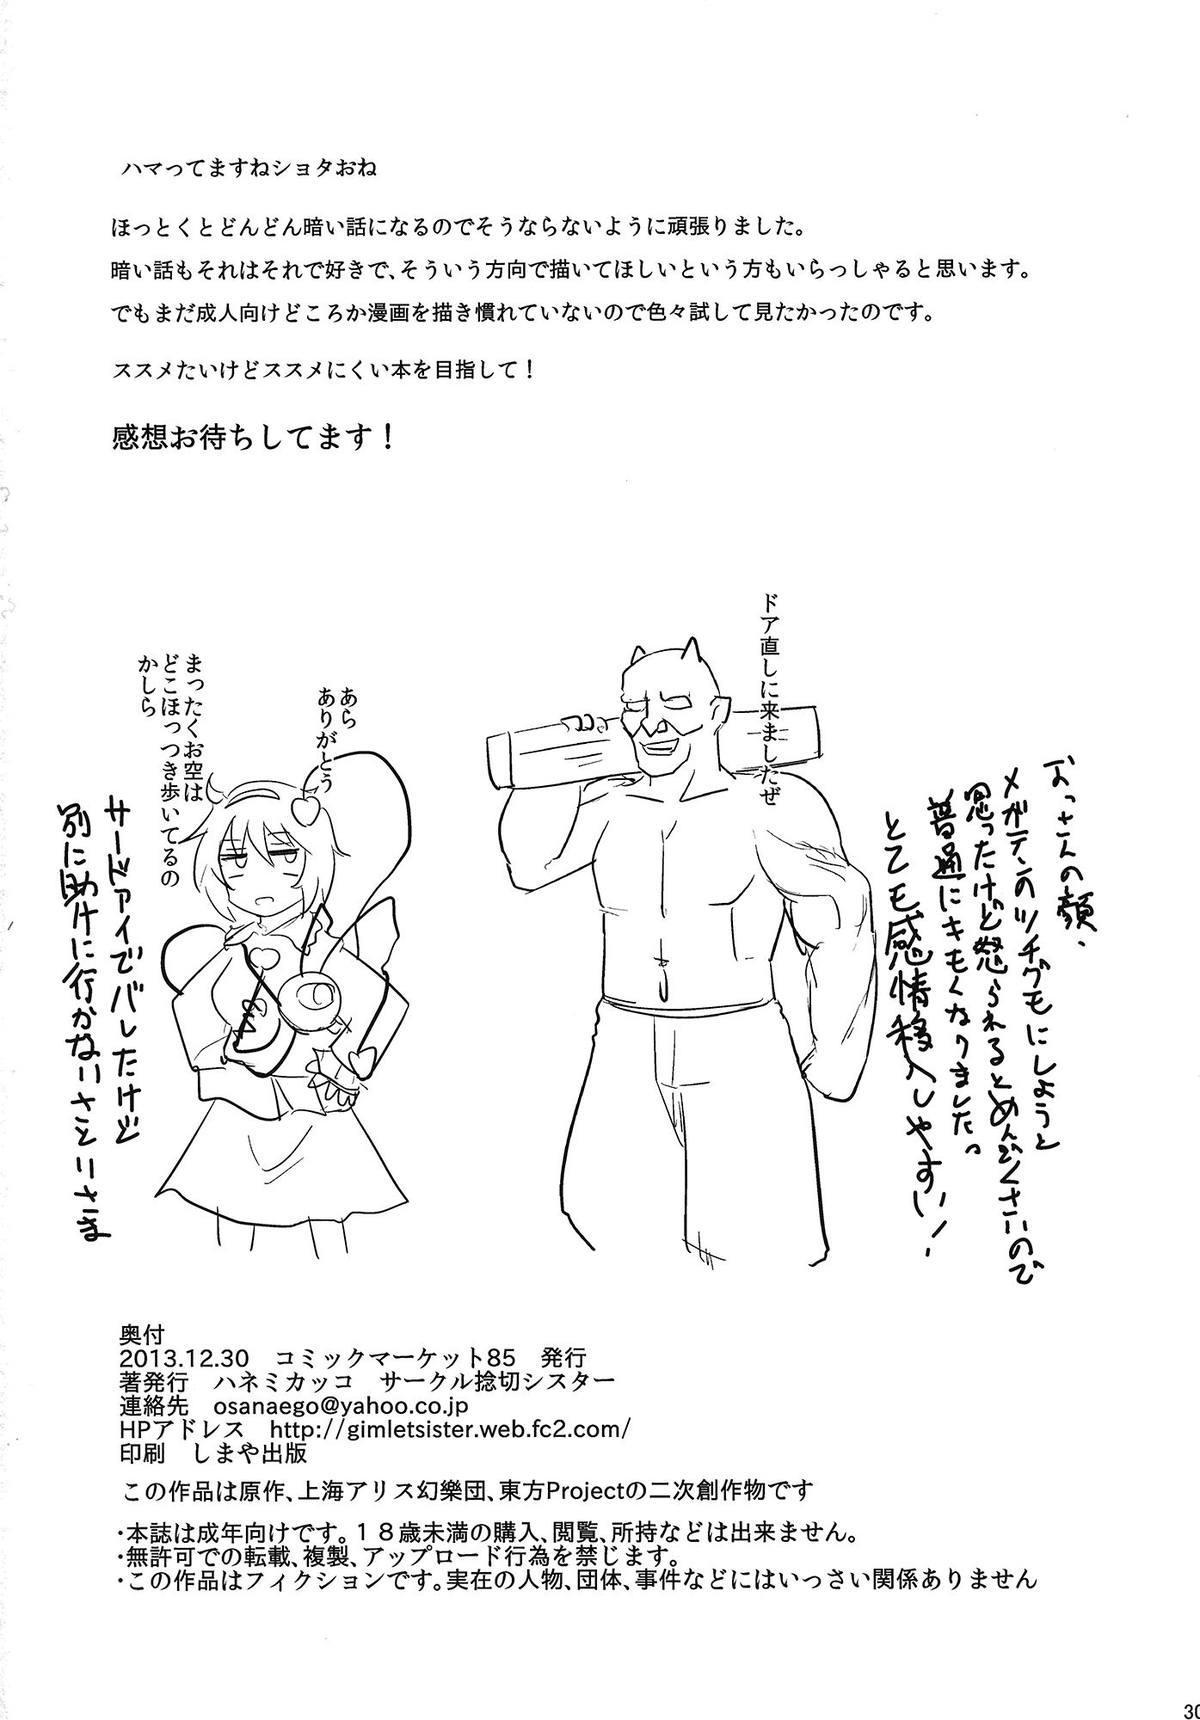 Dowasurex Ato Shota Zeme 28